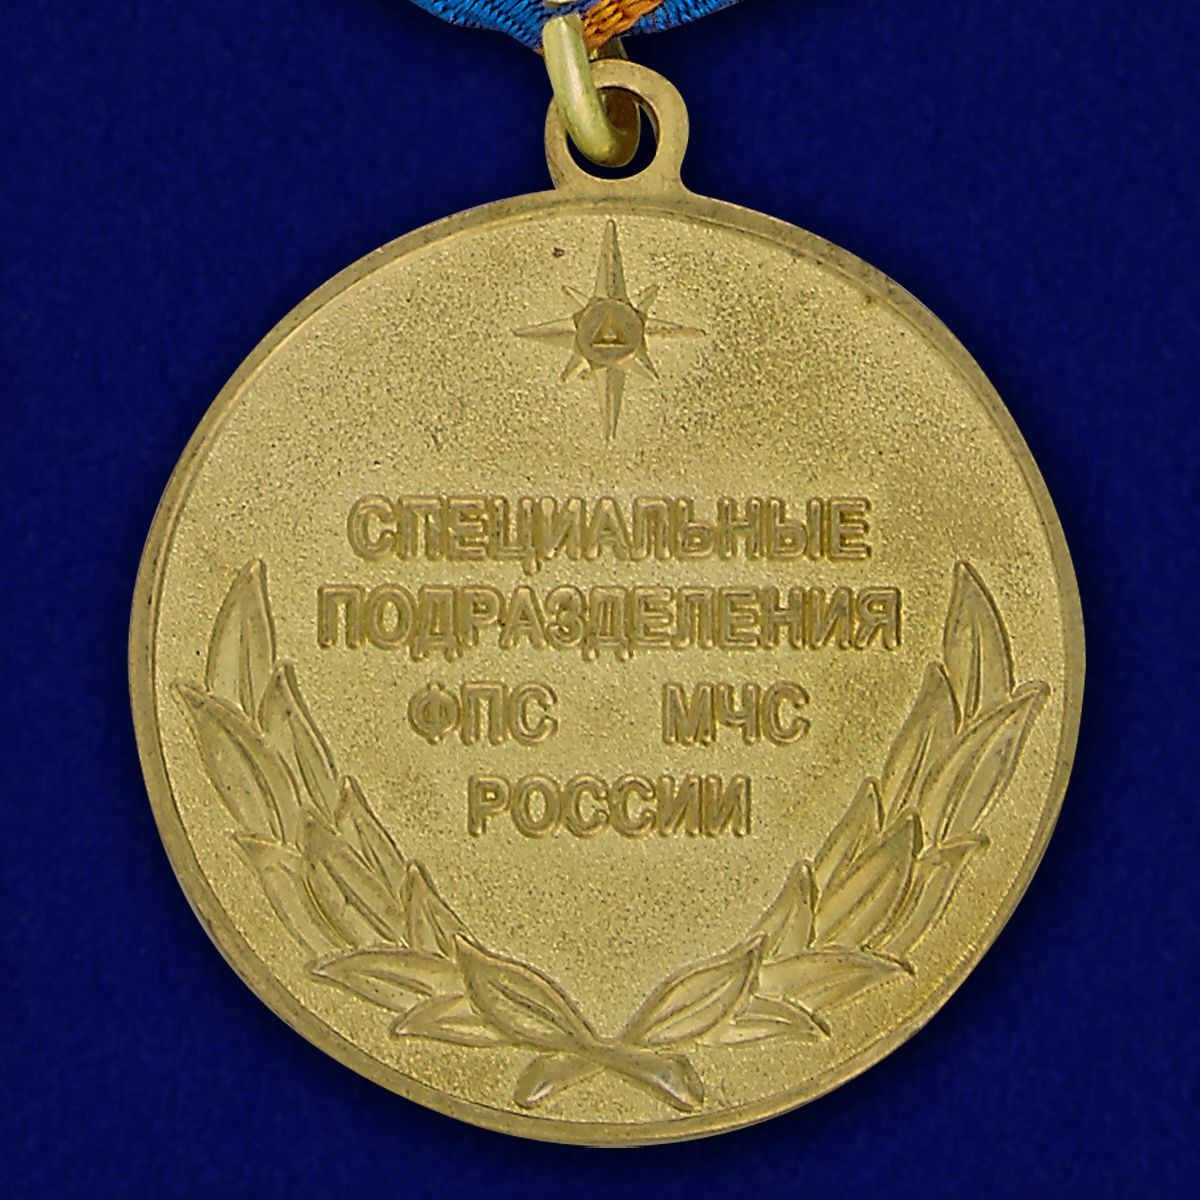 Медаль МЧС За особый вклад в обеспечение пожарной безопасности особо важных государственных объектов - оборотная сторона